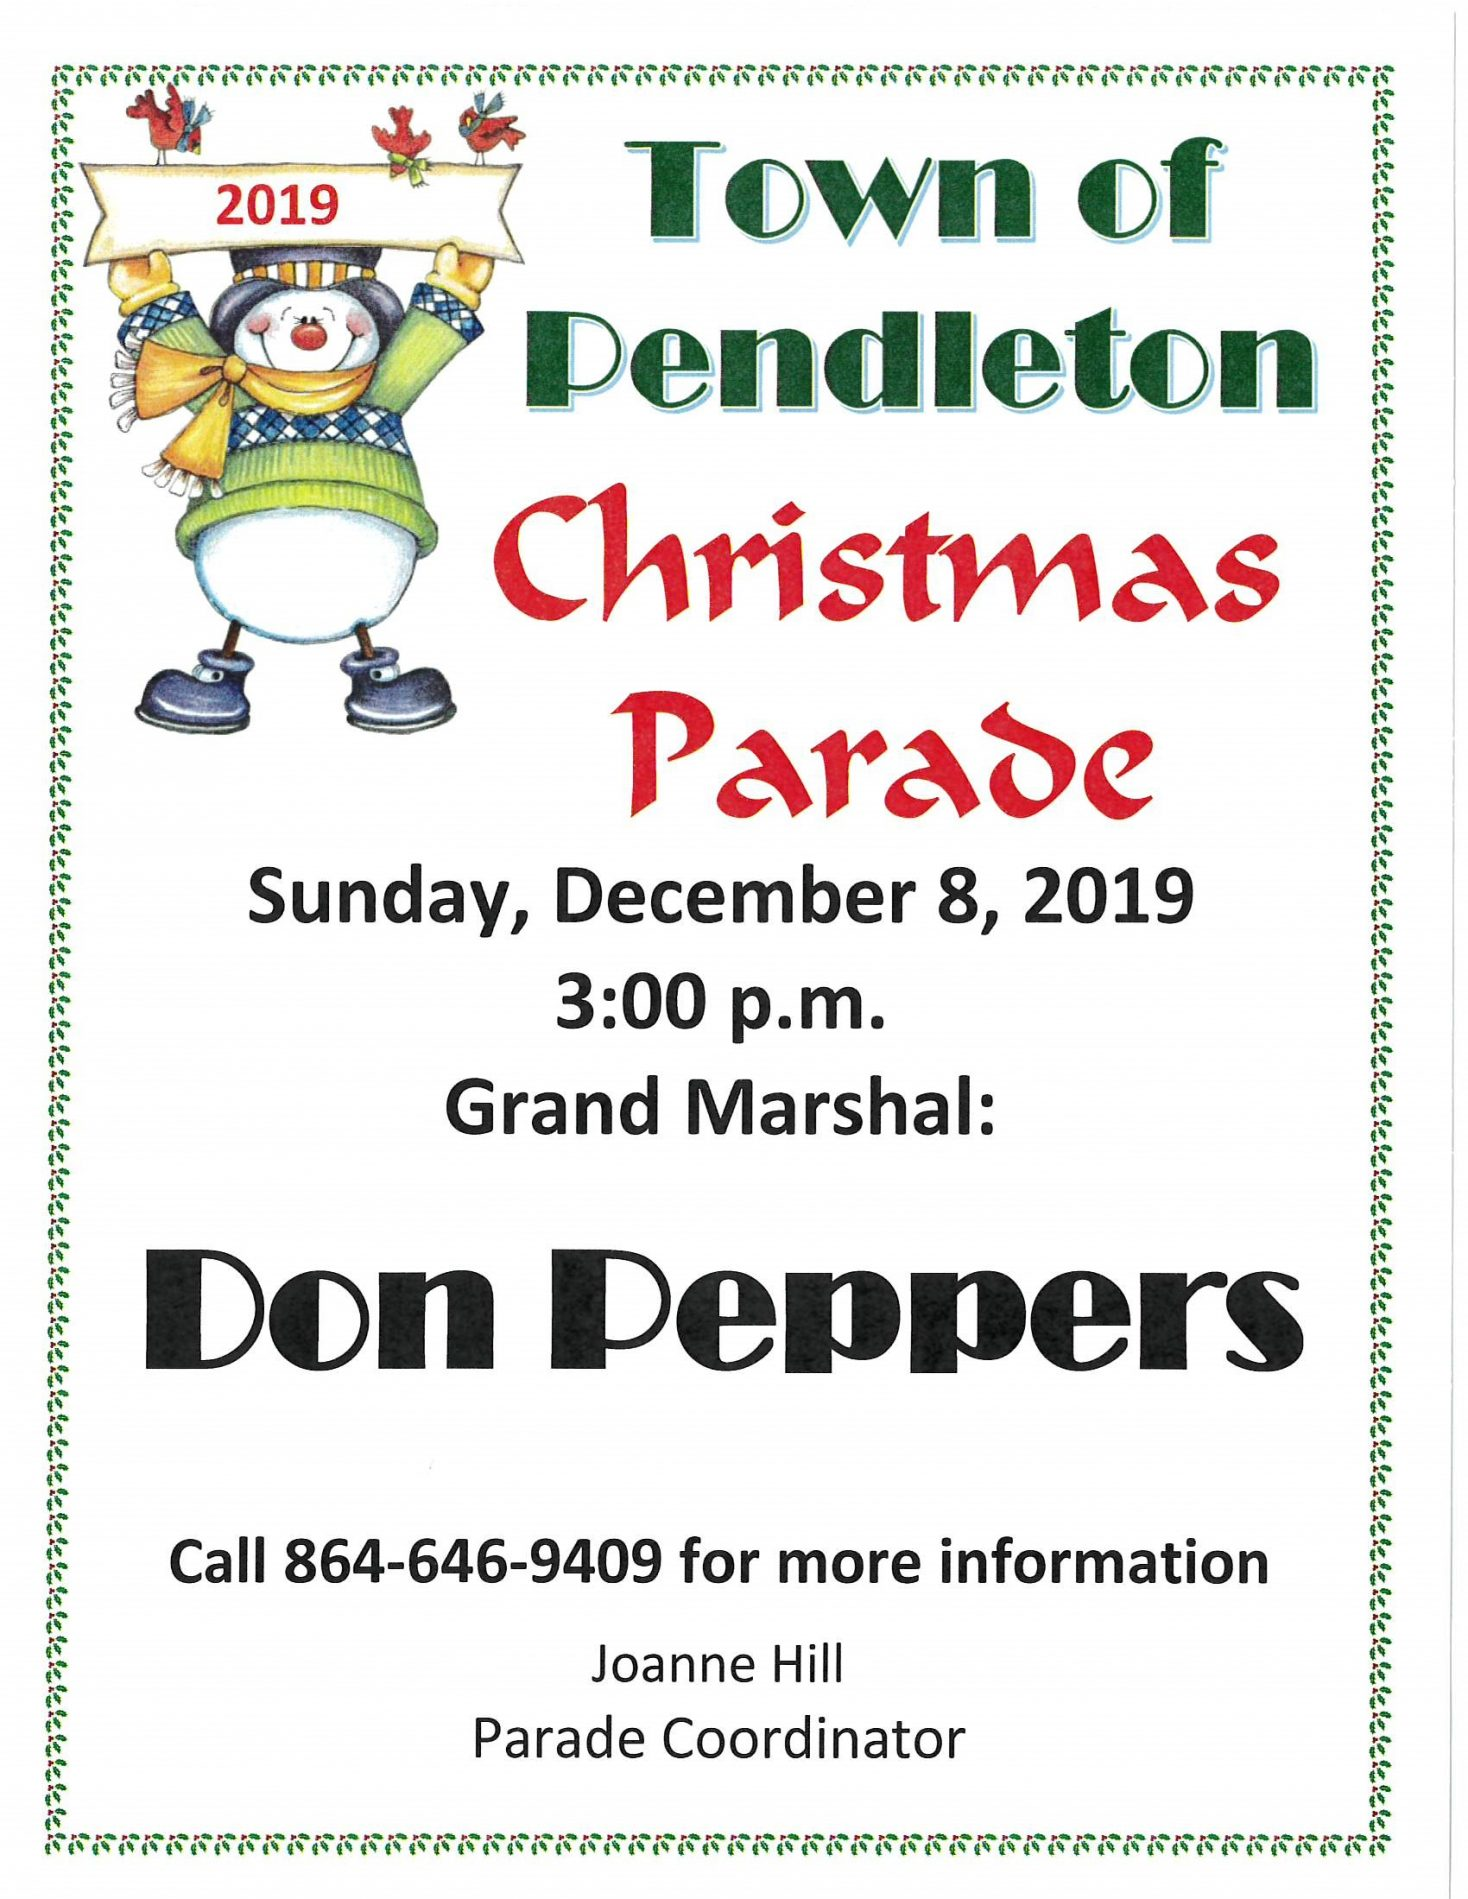 Pendleton Christmas Parade